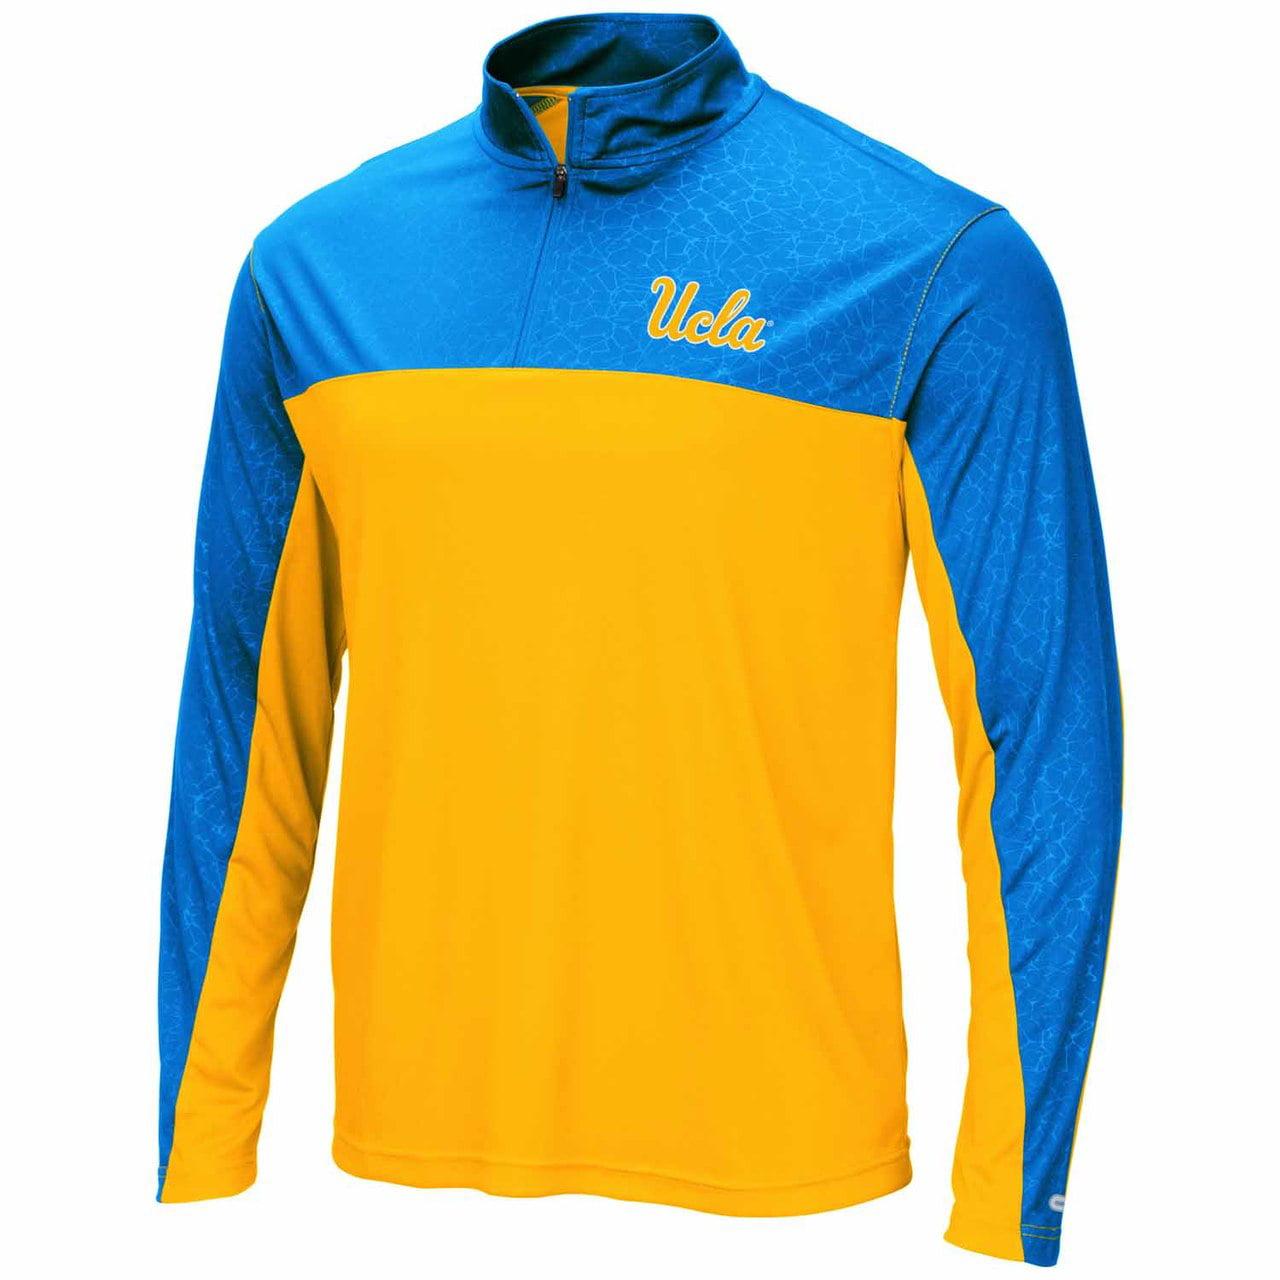 UCLA Bruins Adult Luge 1/4 Zip Windshirt - Team Color